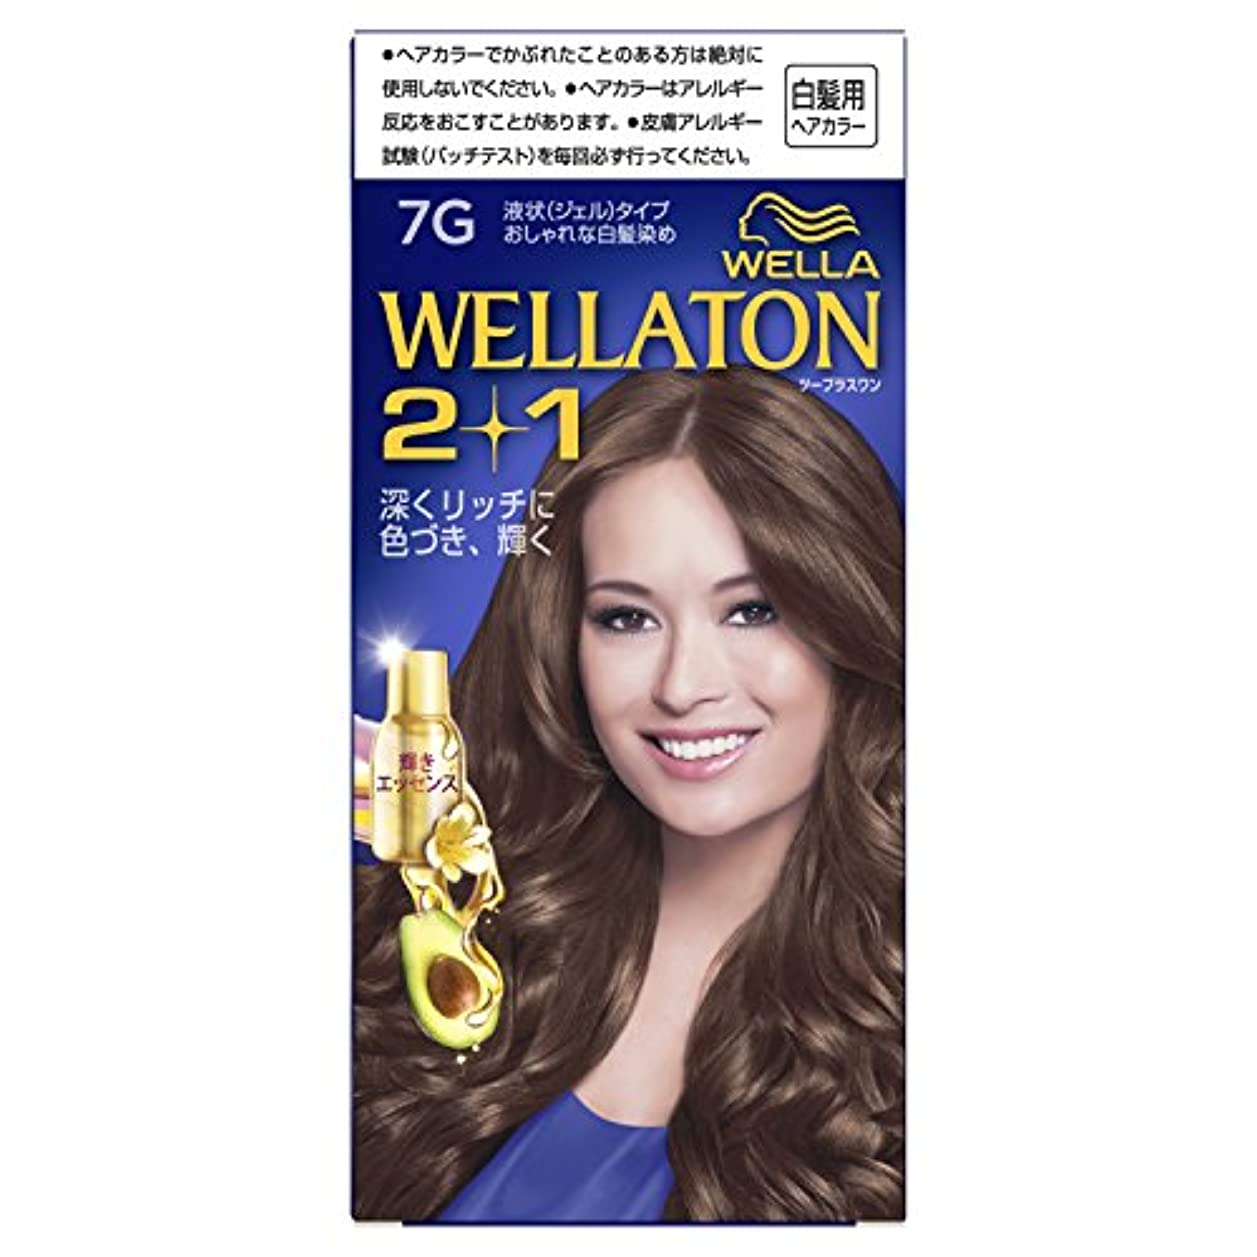 イノセンス天気病的ウエラトーン2+1 液状タイプ 7G [医薬部外品](おしゃれな白髪染め)